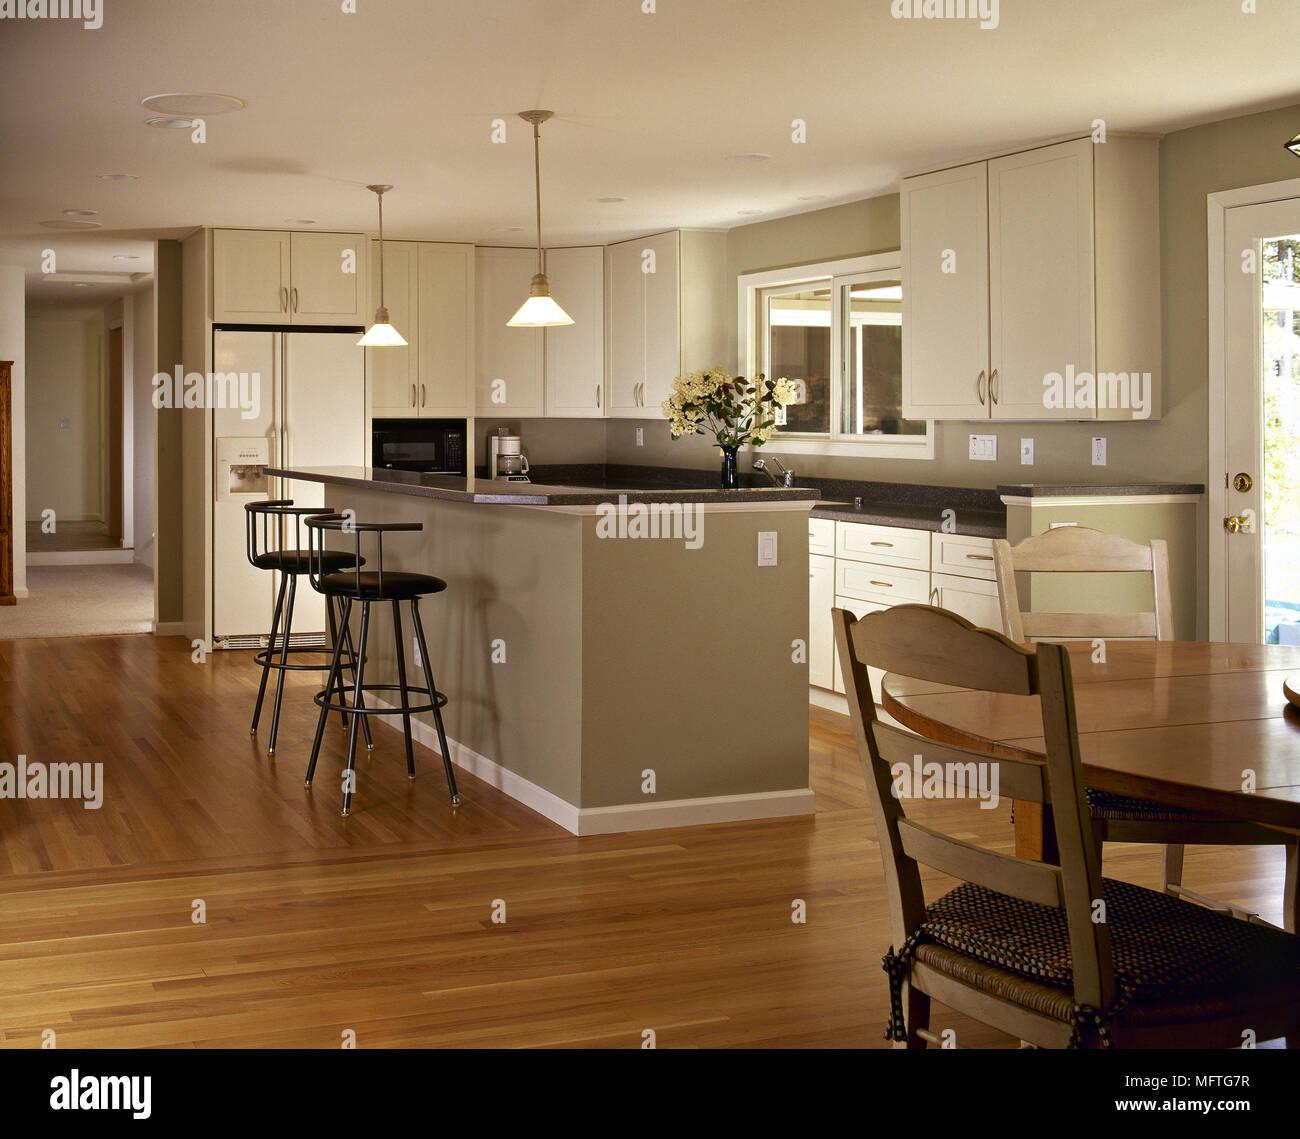 moderne k che essbereich wei e einheiten zentrale insel fr hst ck barhocker tisch st hle holz. Black Bedroom Furniture Sets. Home Design Ideas